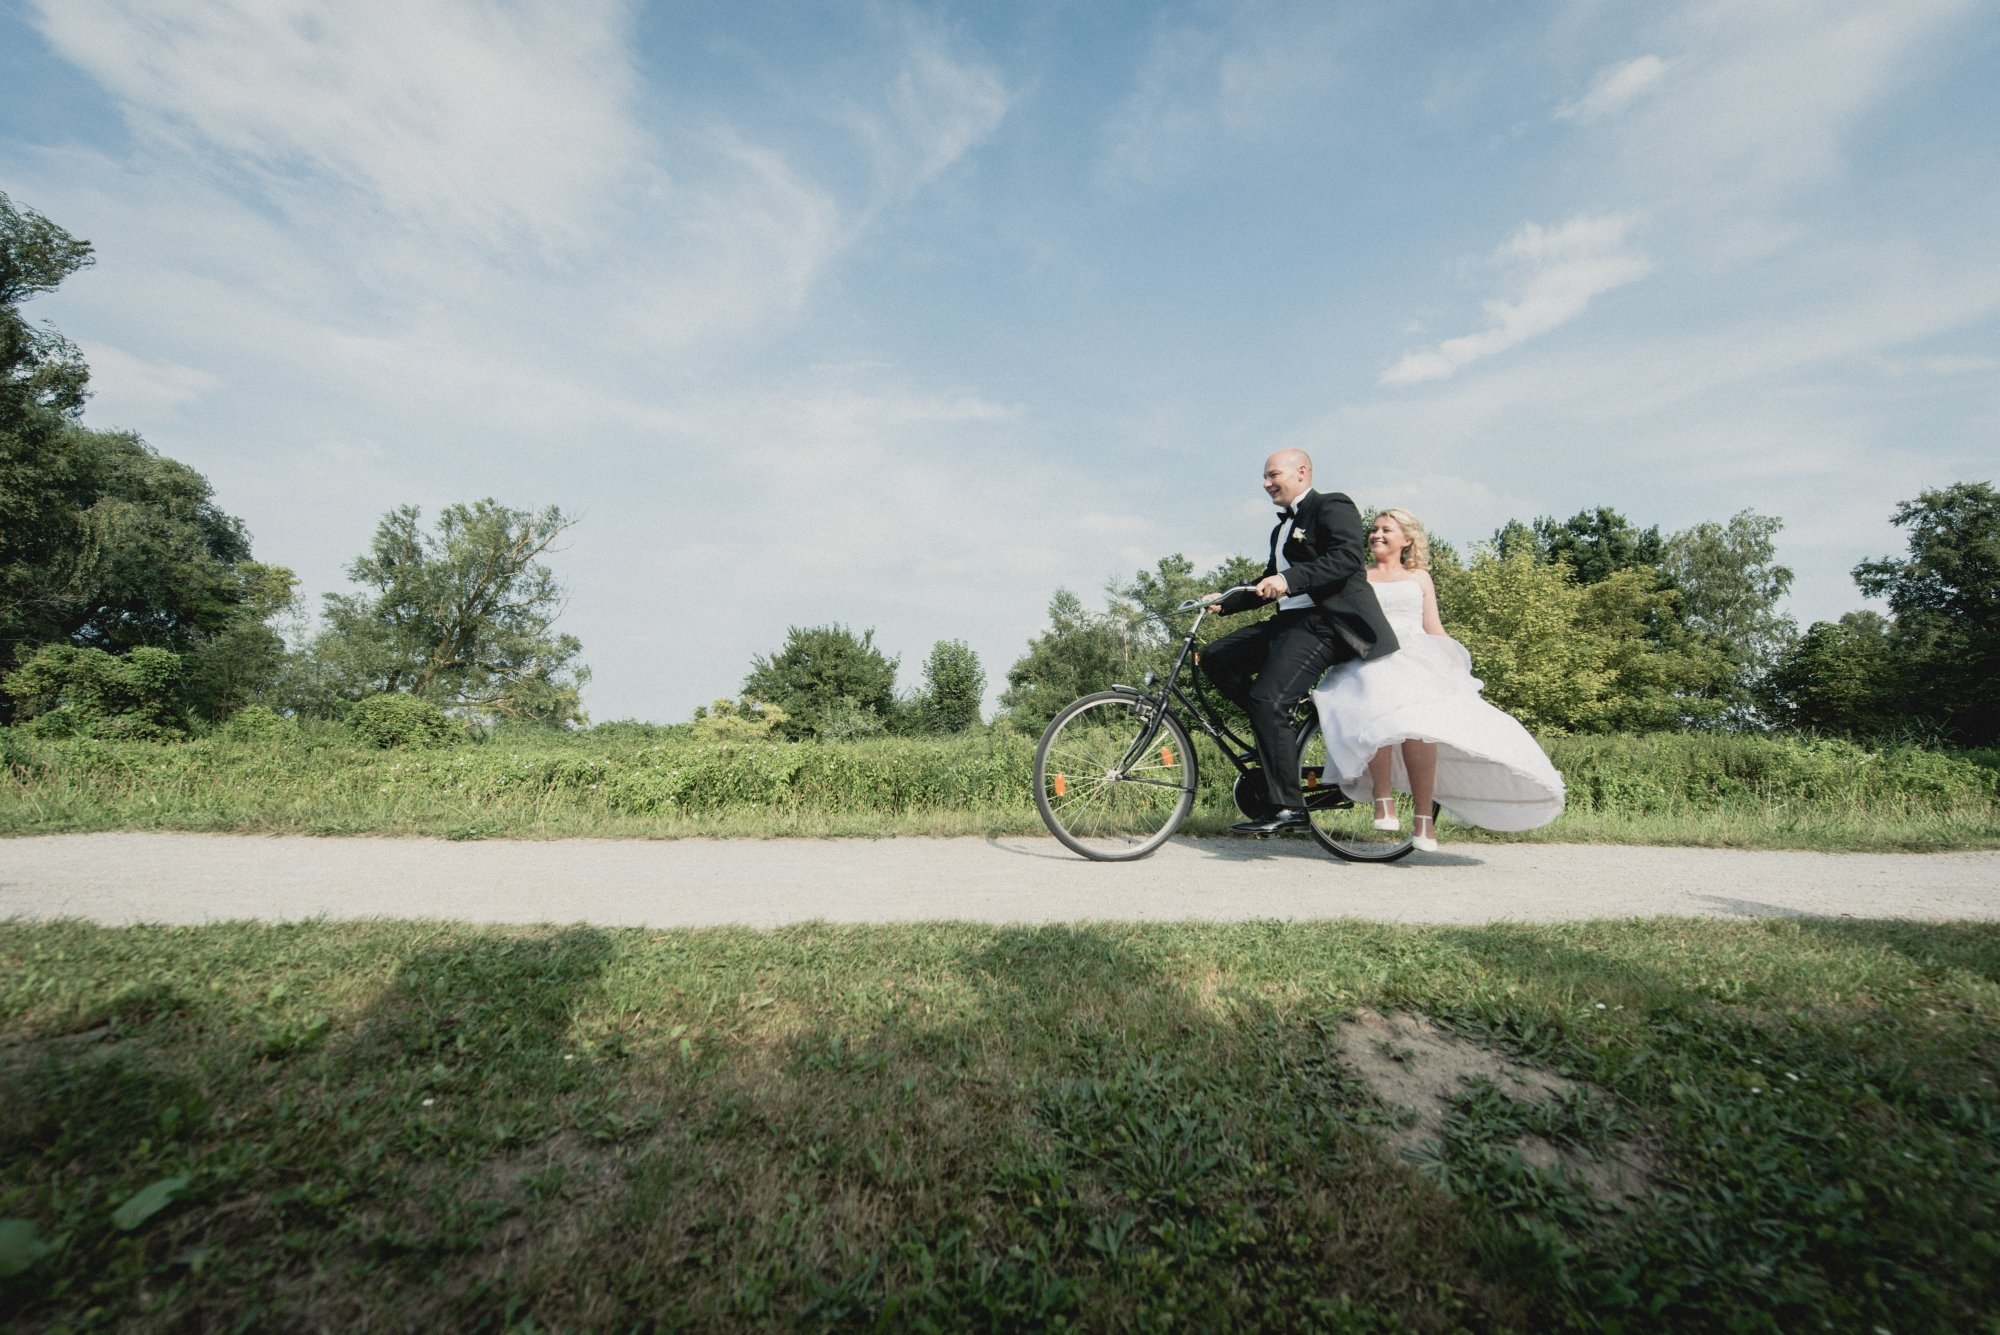 Anna Und Matthias Haben Hochzeit In Ahrenshoop